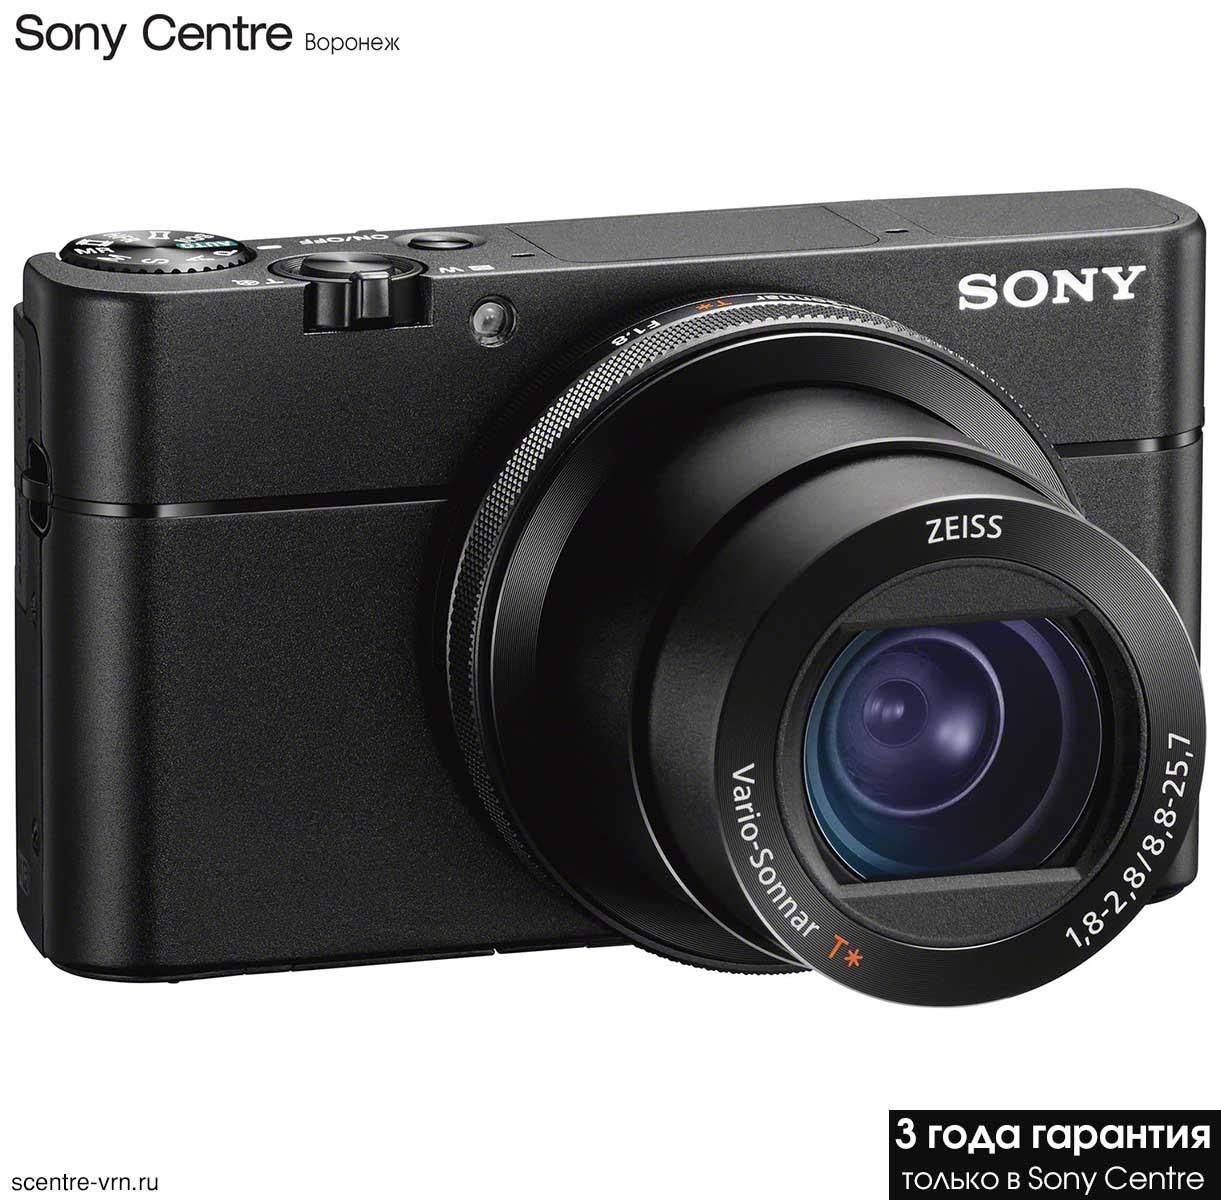 Фотоаппарат Sony DSC-RX100M5A купить в официальном интернет-магазине